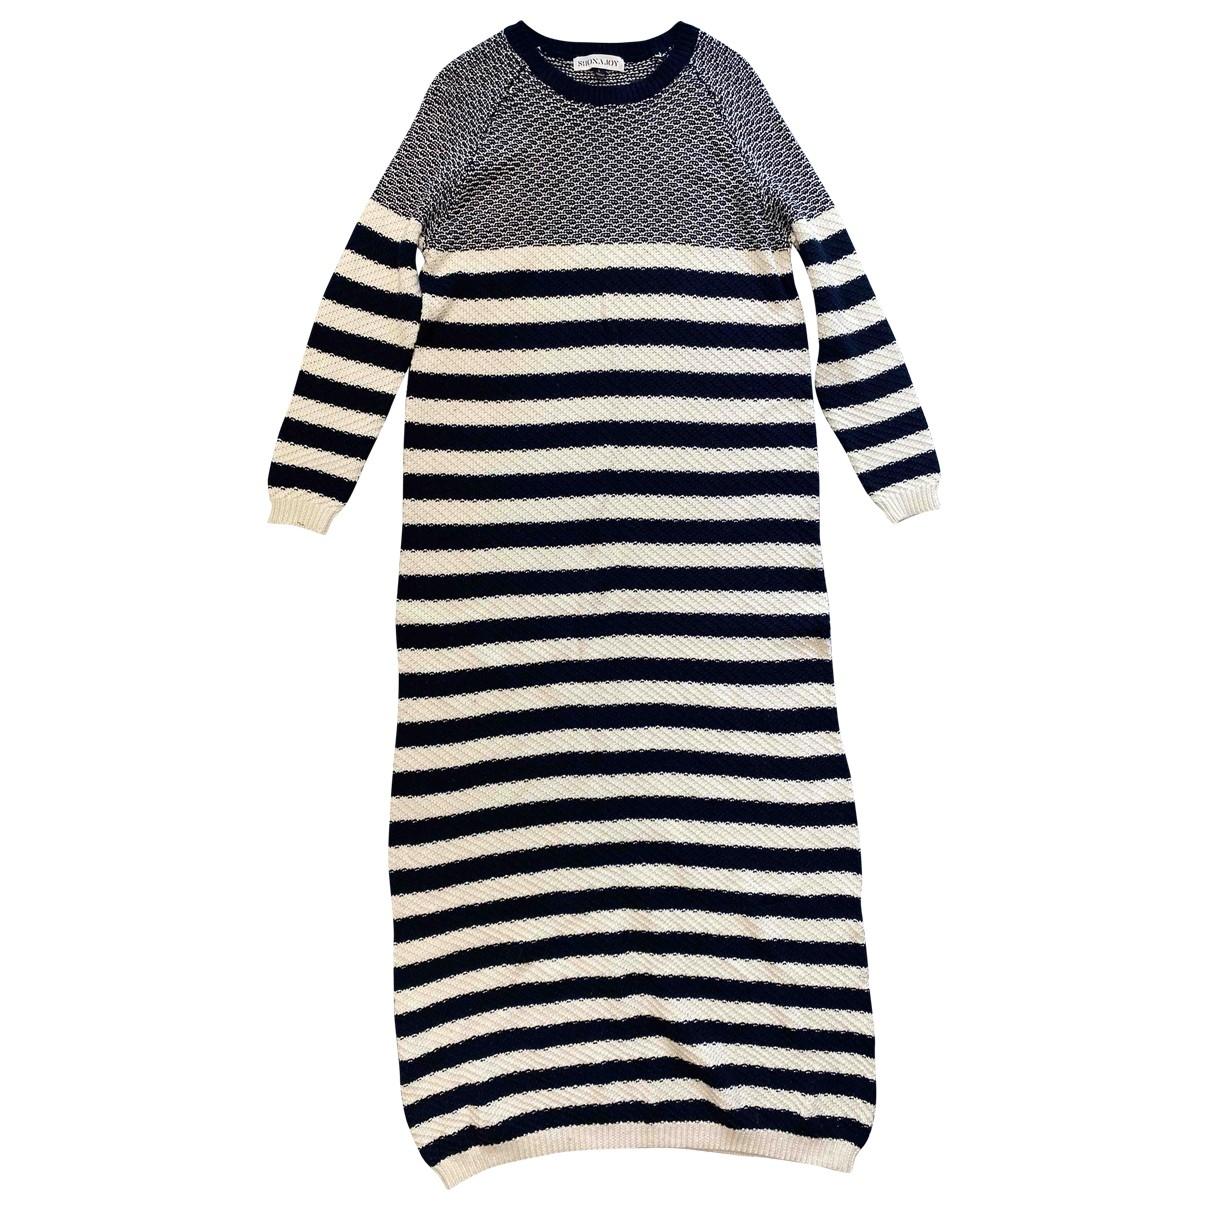 Shona Joy \N Kleid in  Bunt Polyester